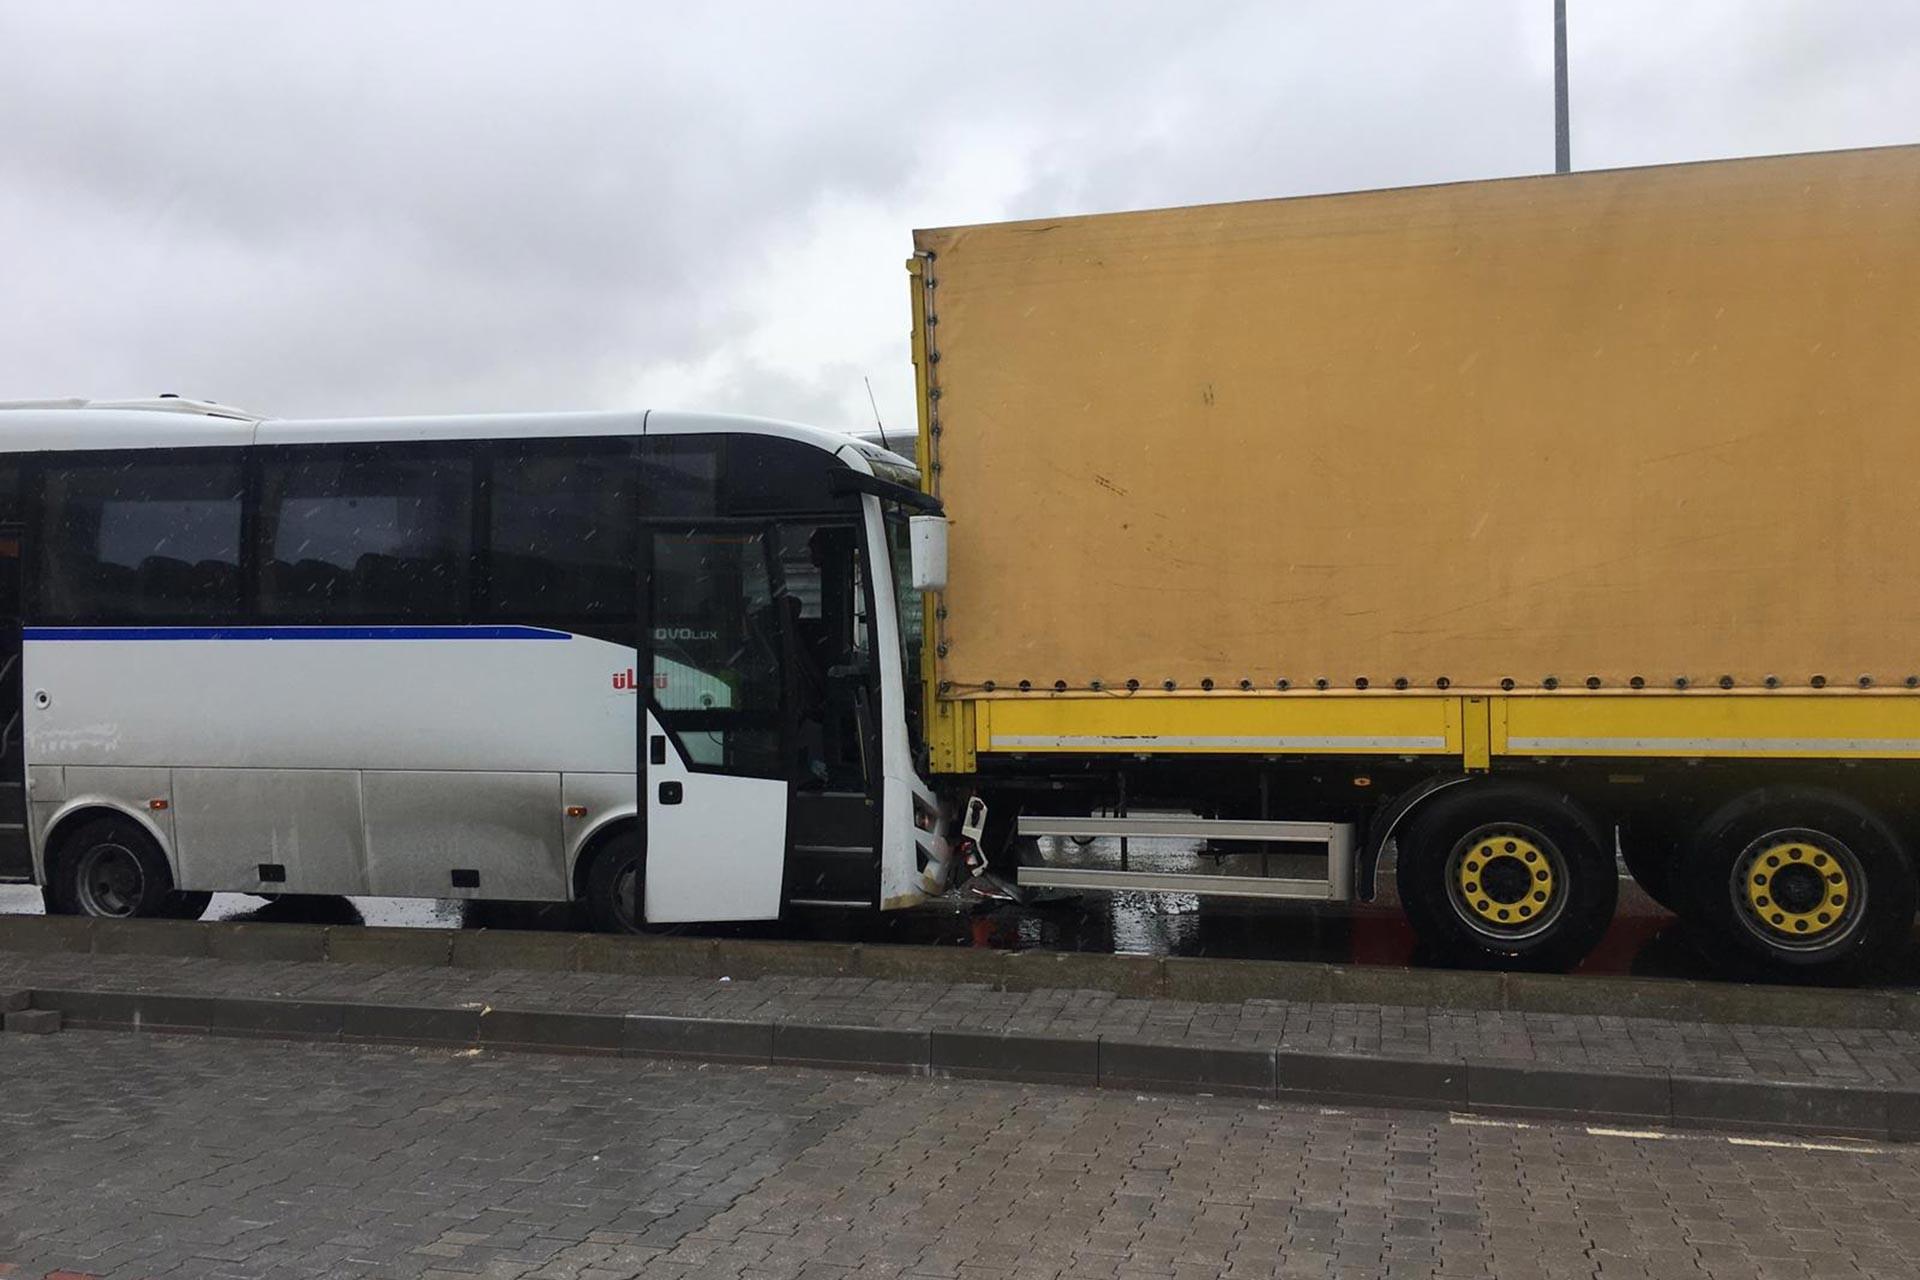 Bandırma'da işçileri taşıyan midibüsle tır çarpıştı: 18 işçi yaralandı